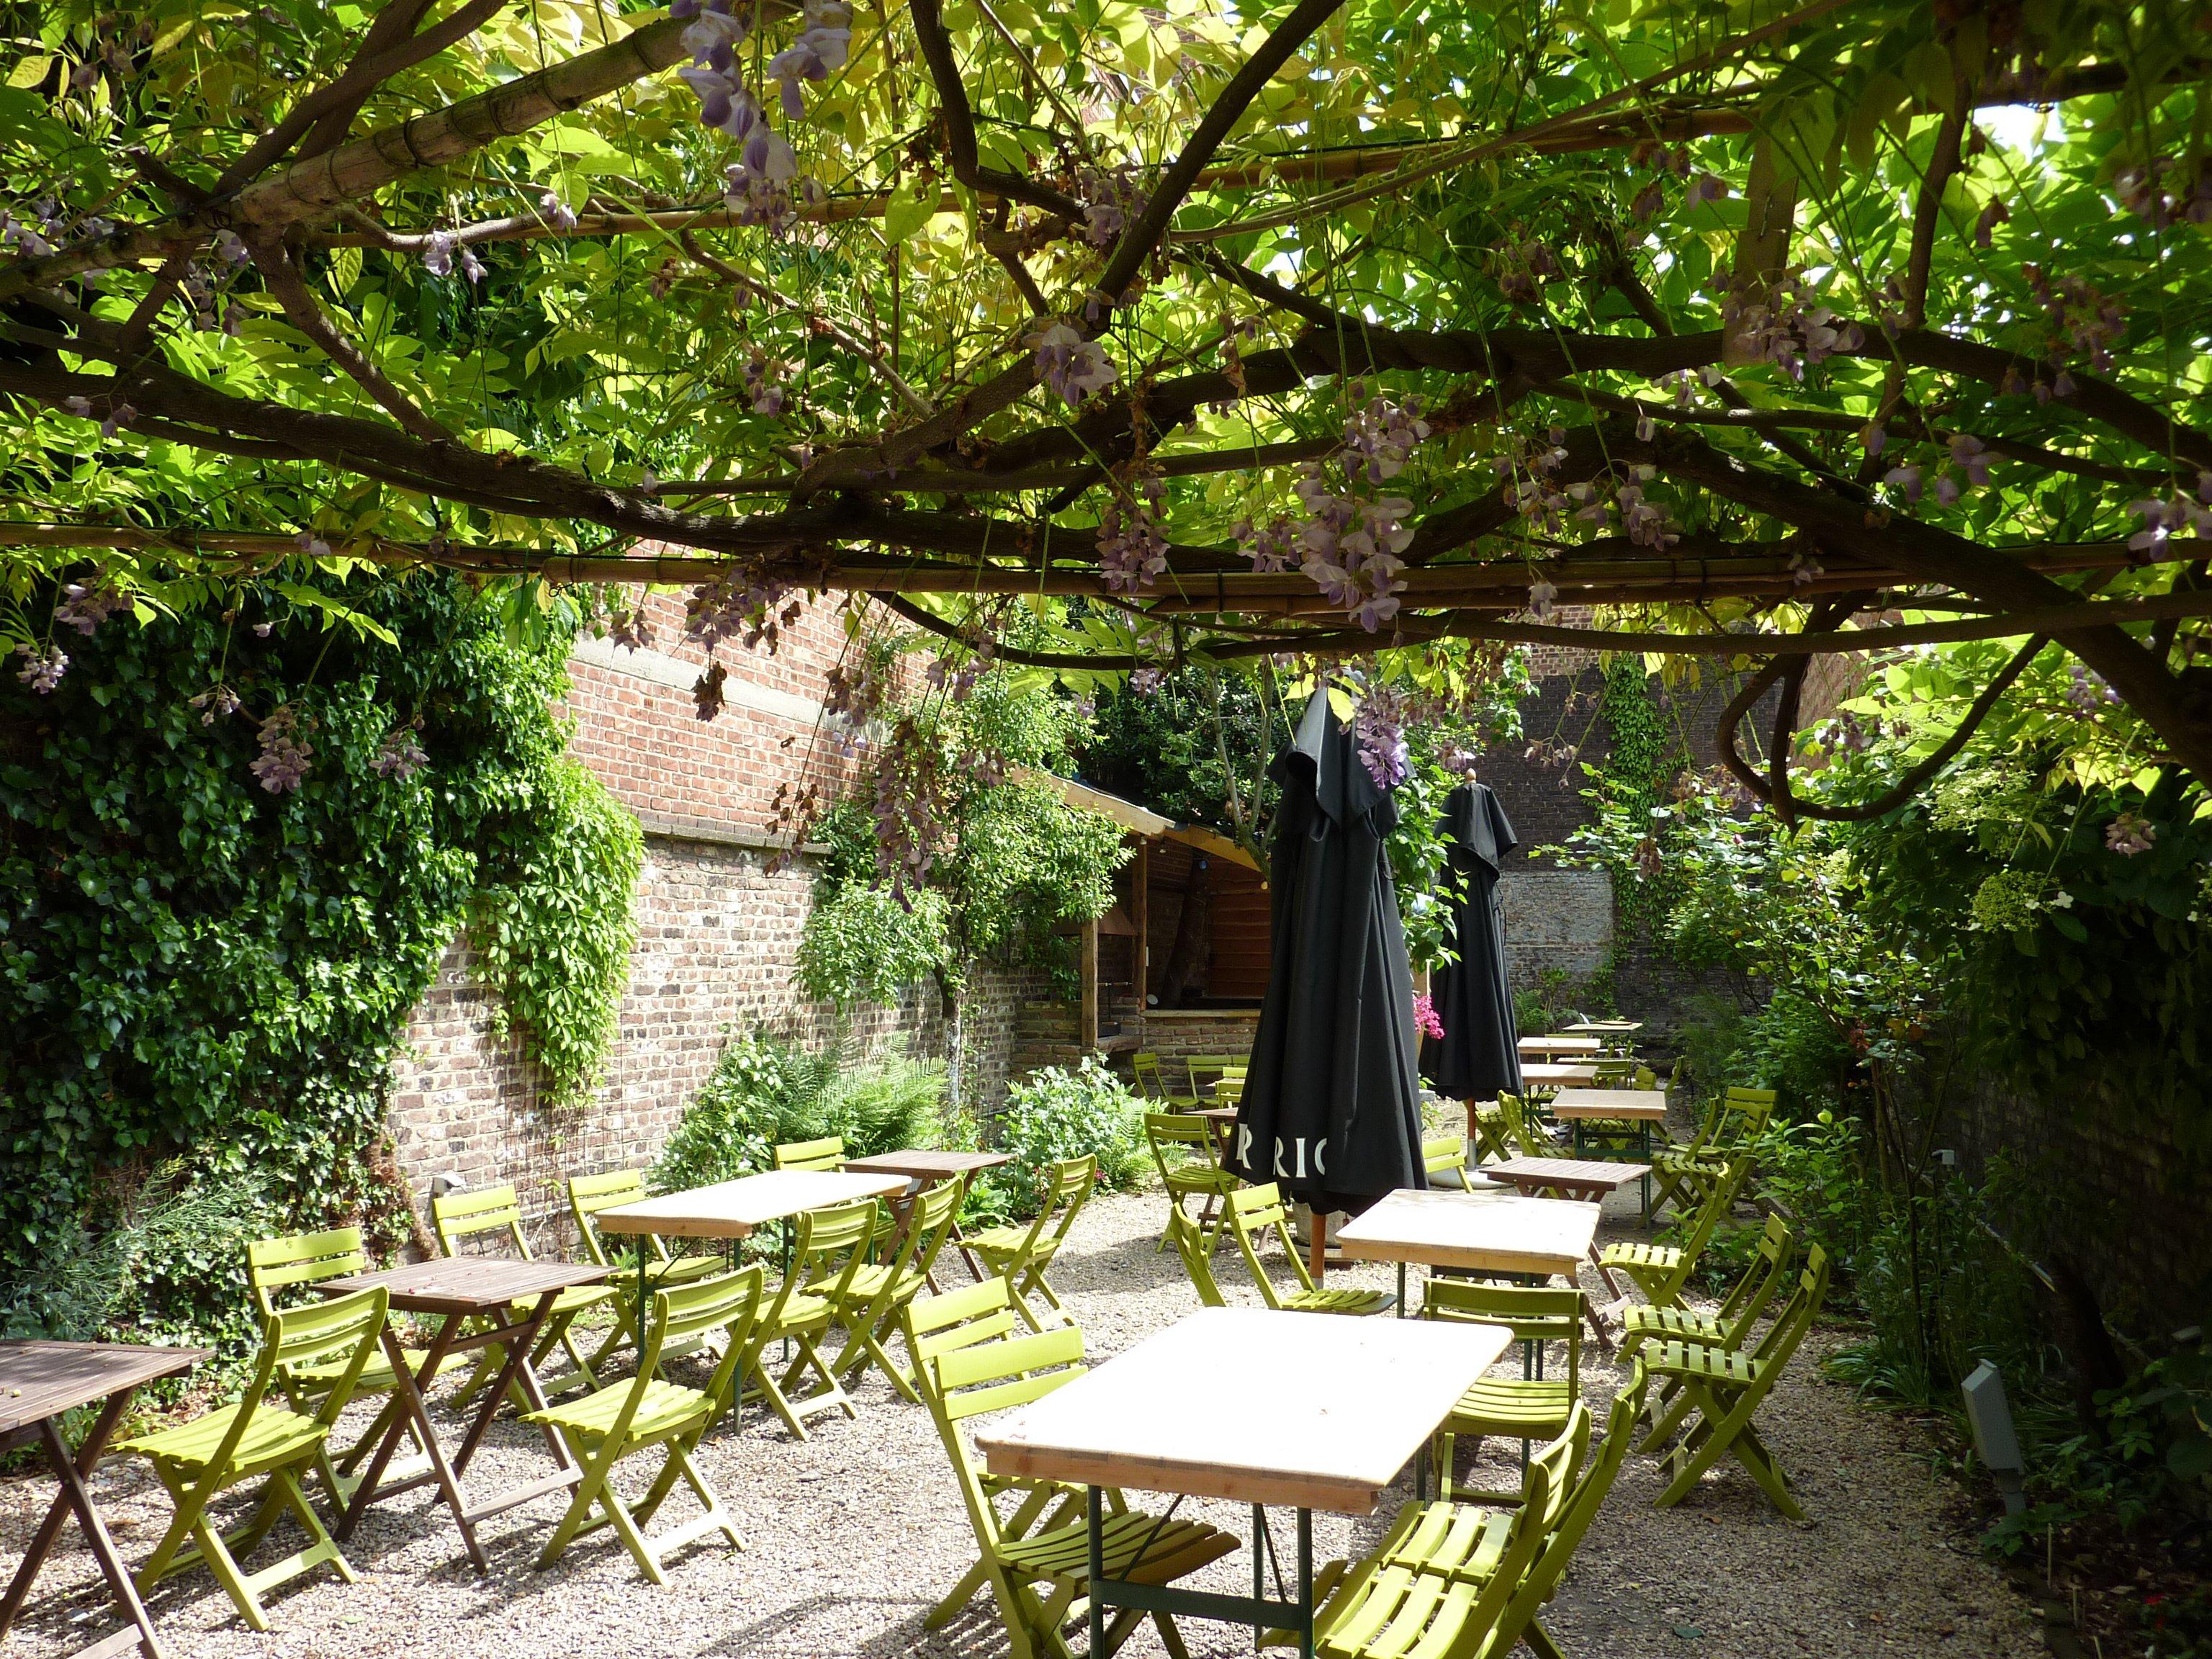 Cote cour cote jardin brasserie restaurant liege 4020 - Restaurant cote jardin lac 2 ...